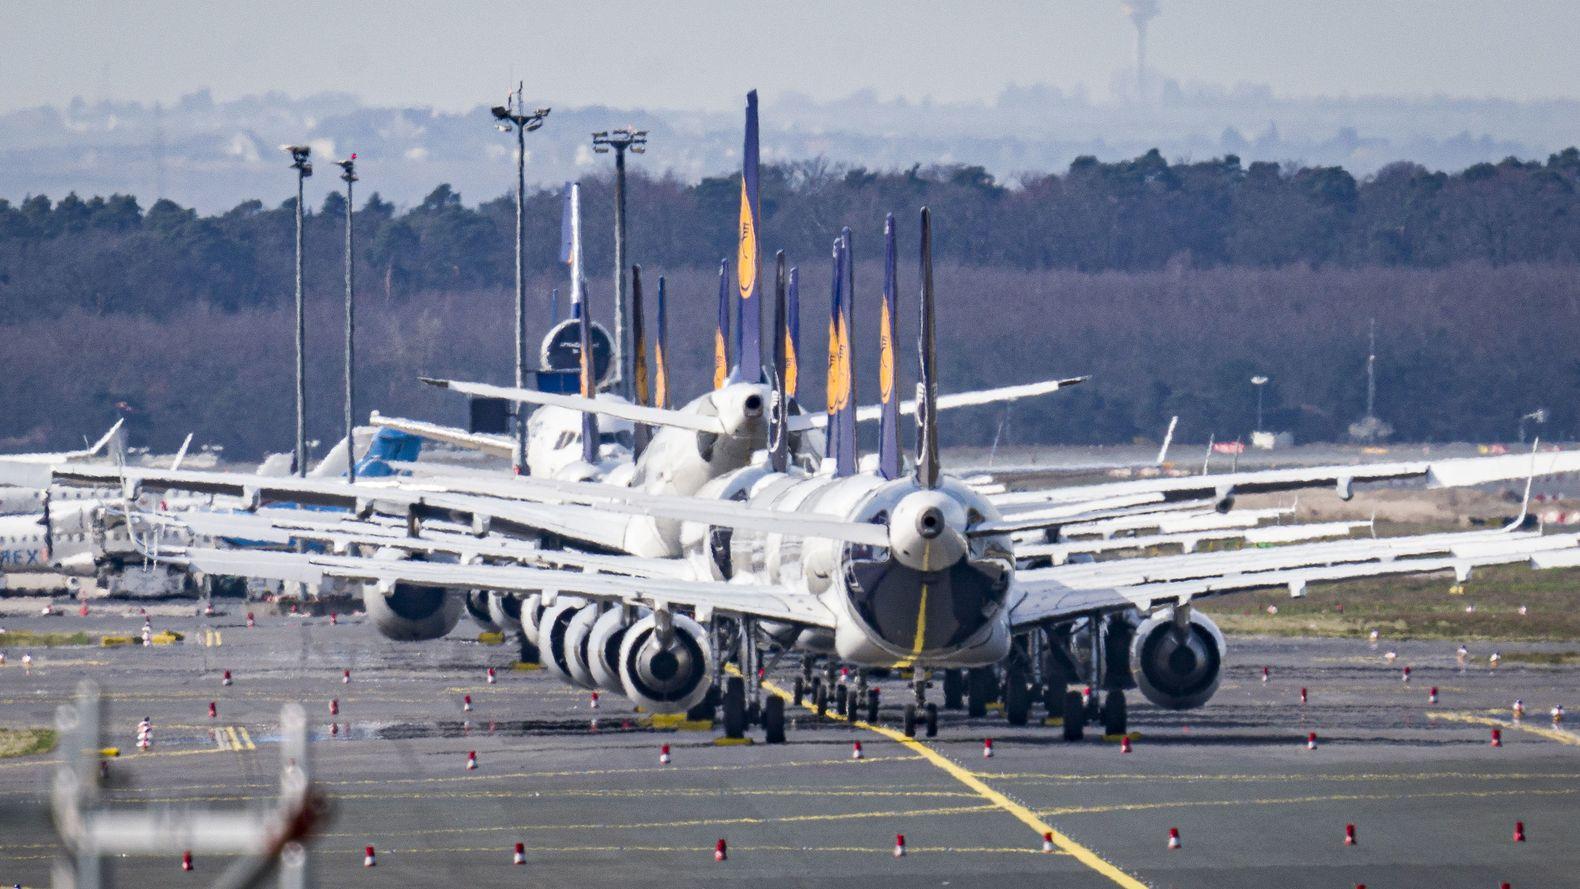 Flugzeuge der Lufthansa sind am Flughafen Frankfurt abgestellt